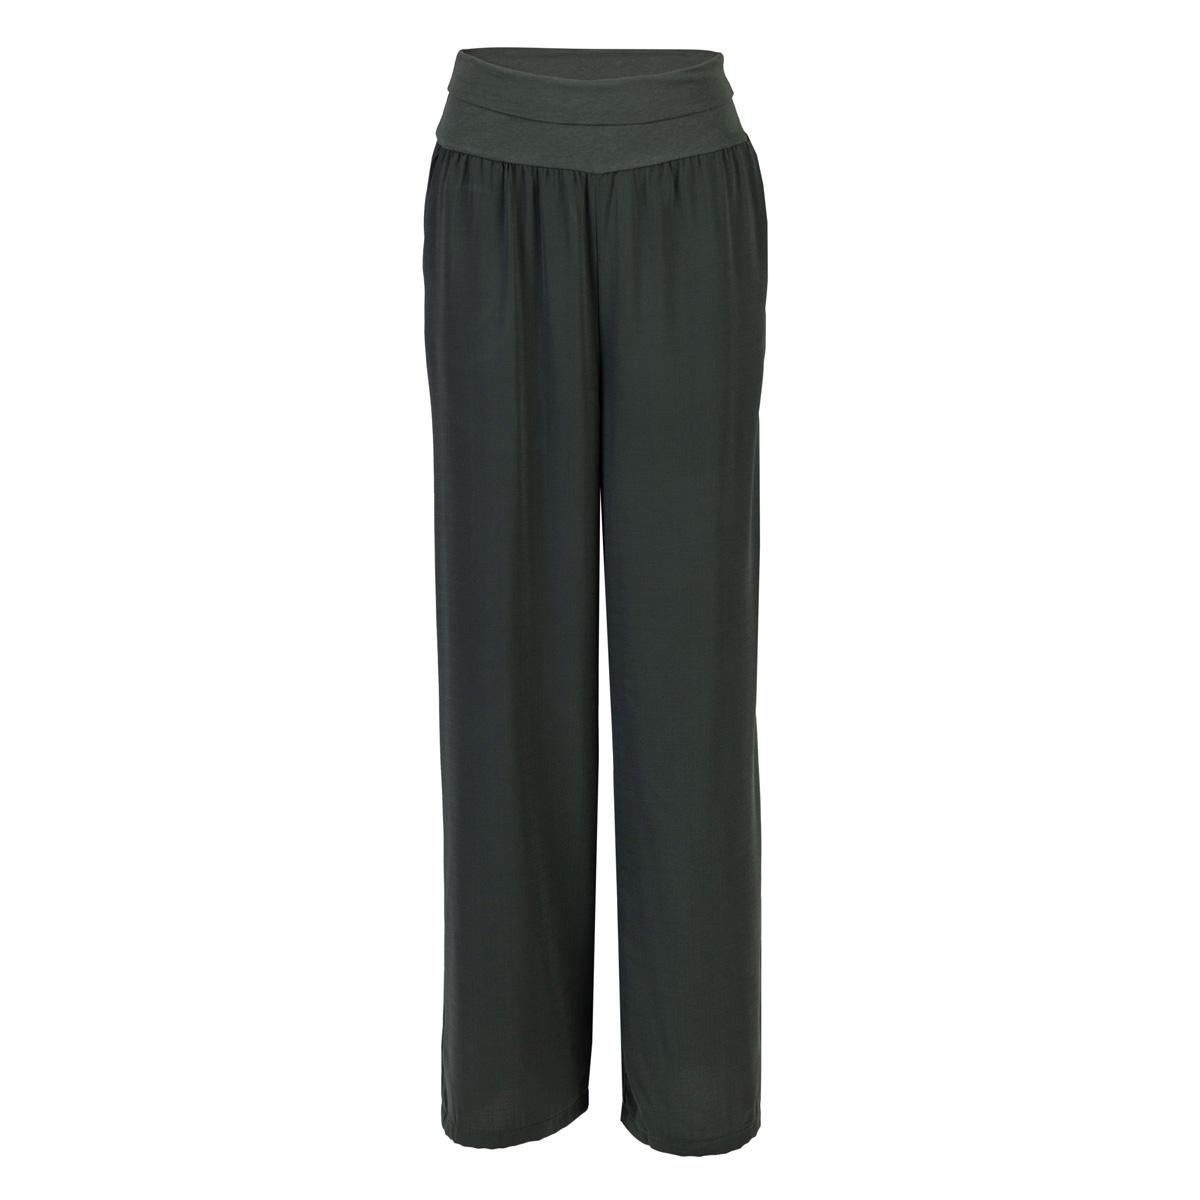 Ženske hlače, temno olivna